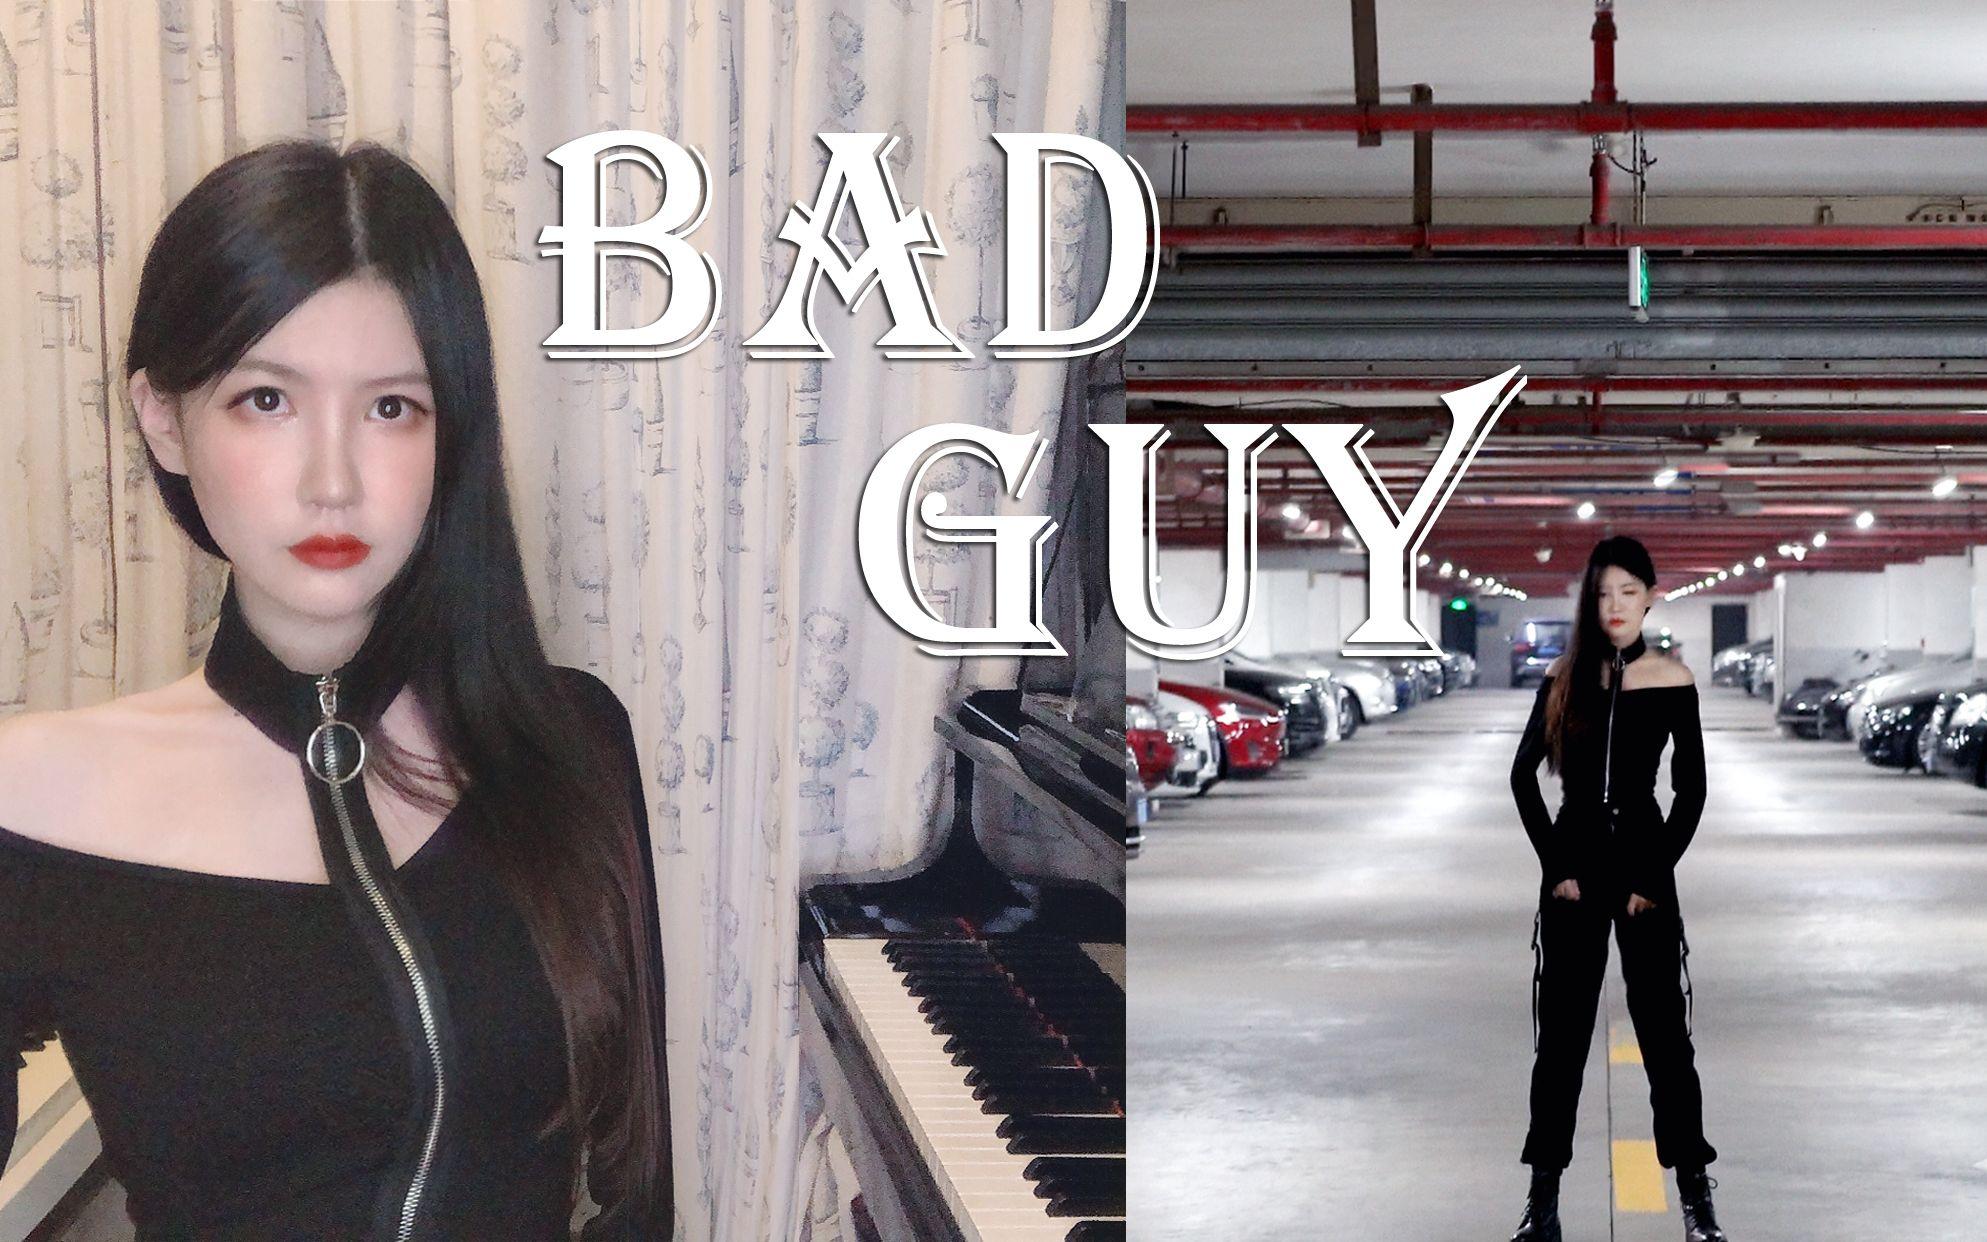 【钢琴】《Bad Guy》- Billie Eilish   原创MV Duh~~